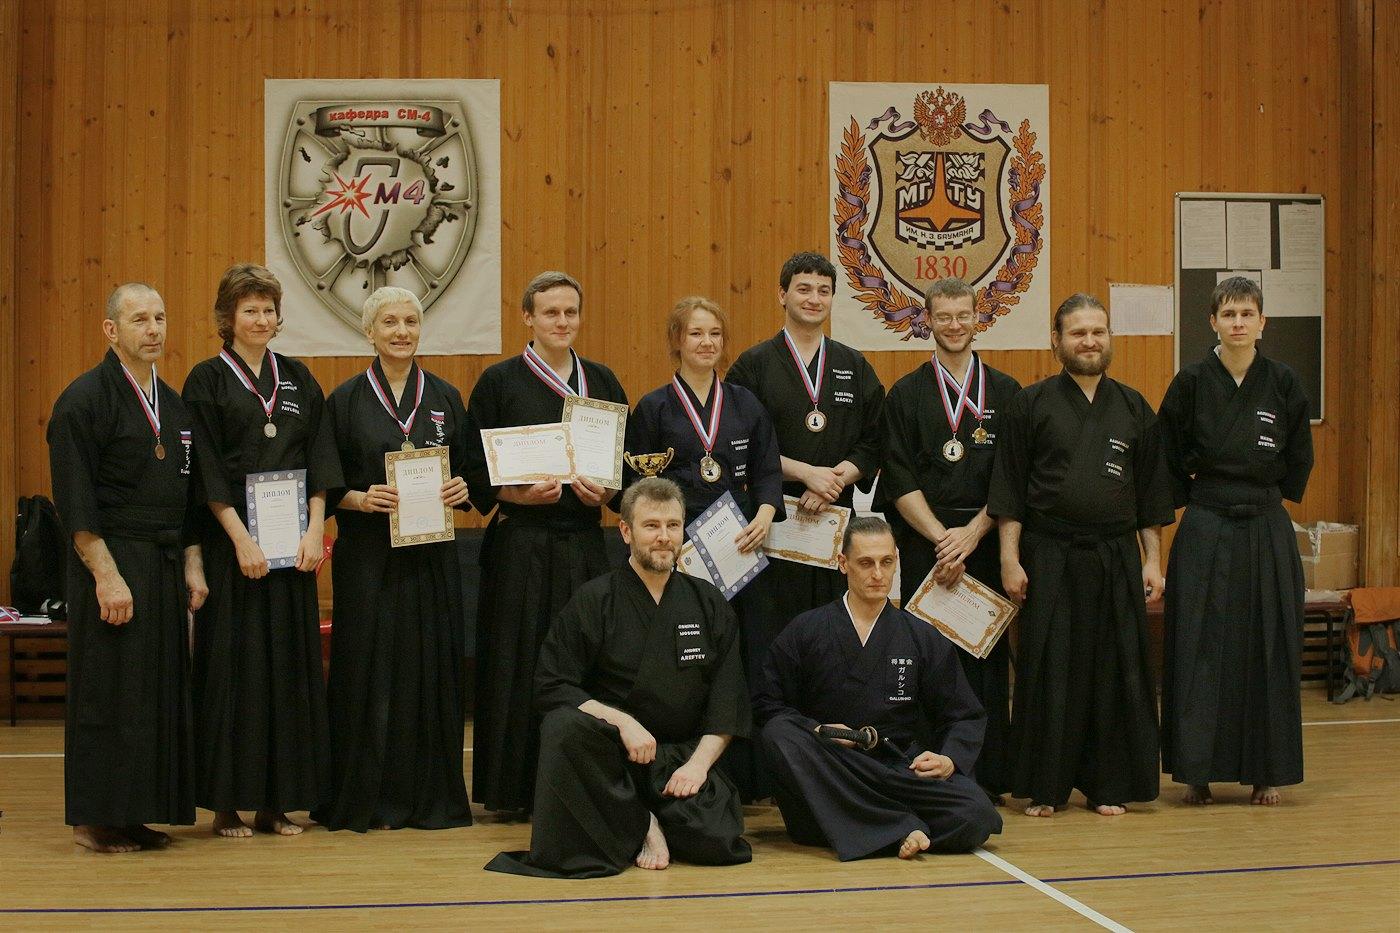 Поздравляем студентов-членов Клуба кендо и иайдо «БауманКан» с успешной аттестацией по иайдо в категории Shodan (1-й дан)